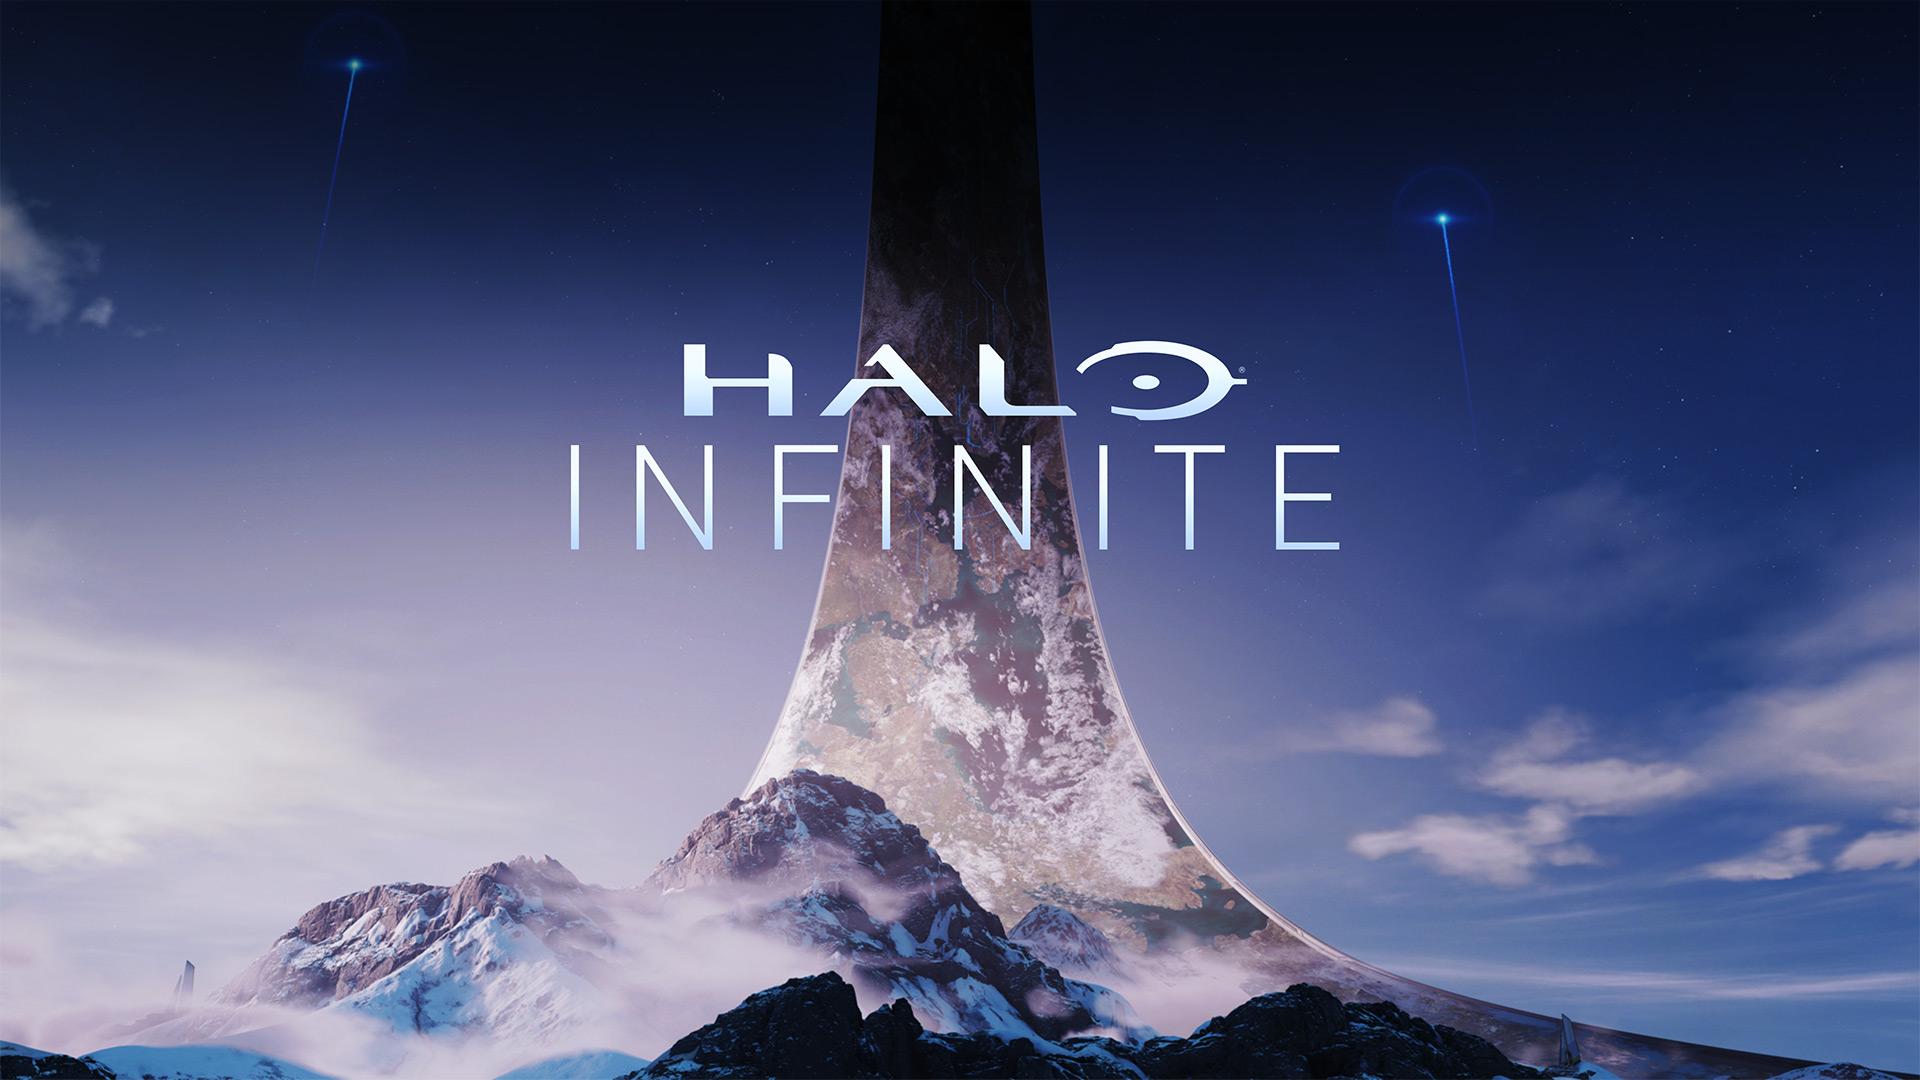 """《光环:无限》战役内容将以""""希望、谜题、奇观""""为核心"""